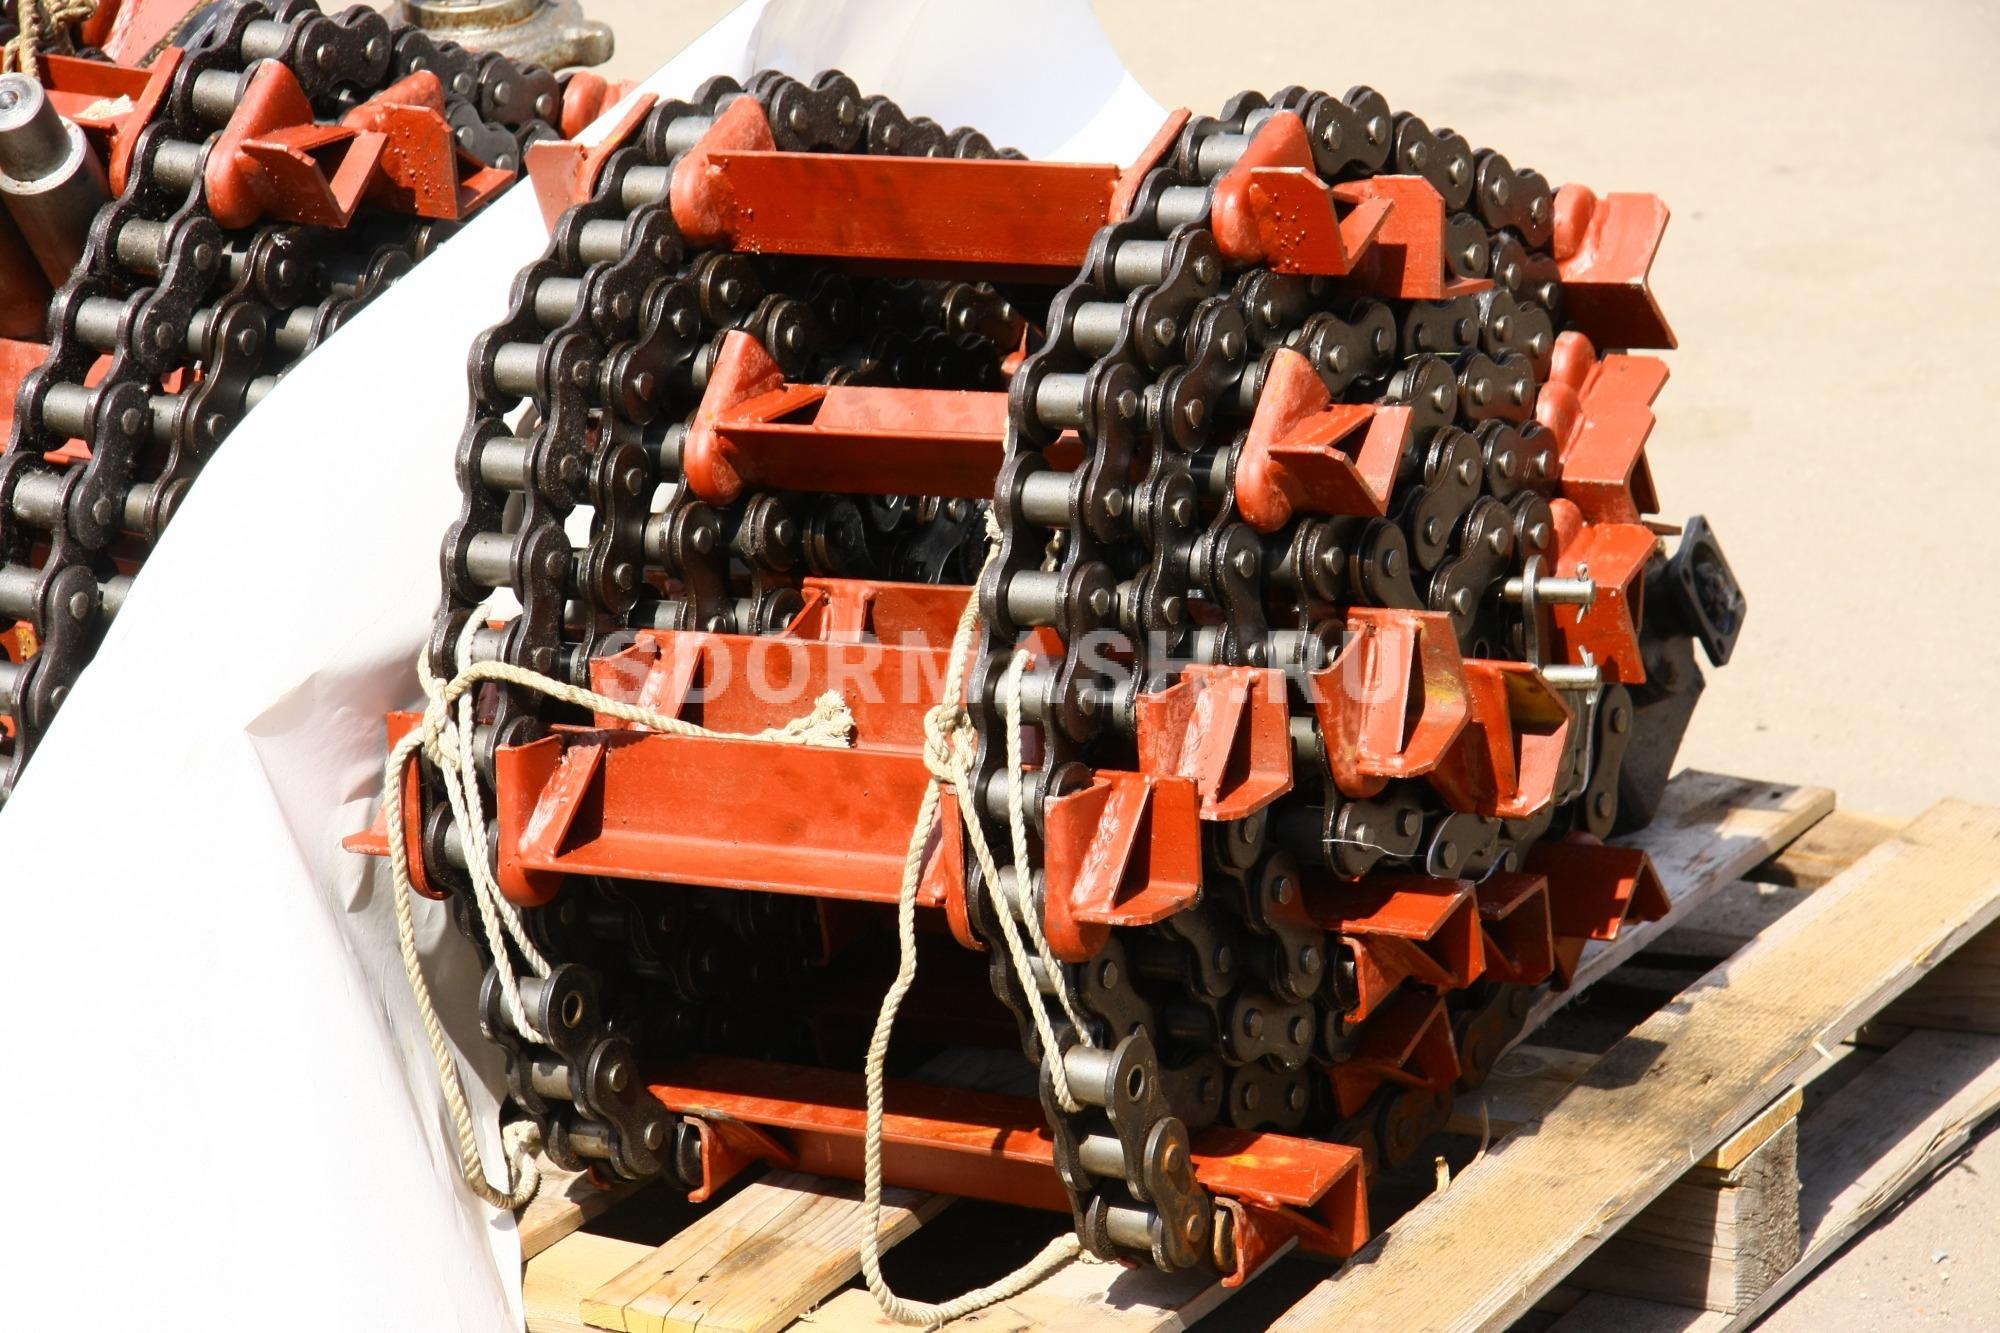 Транспортер на эд 405 устройство спирального транспортера